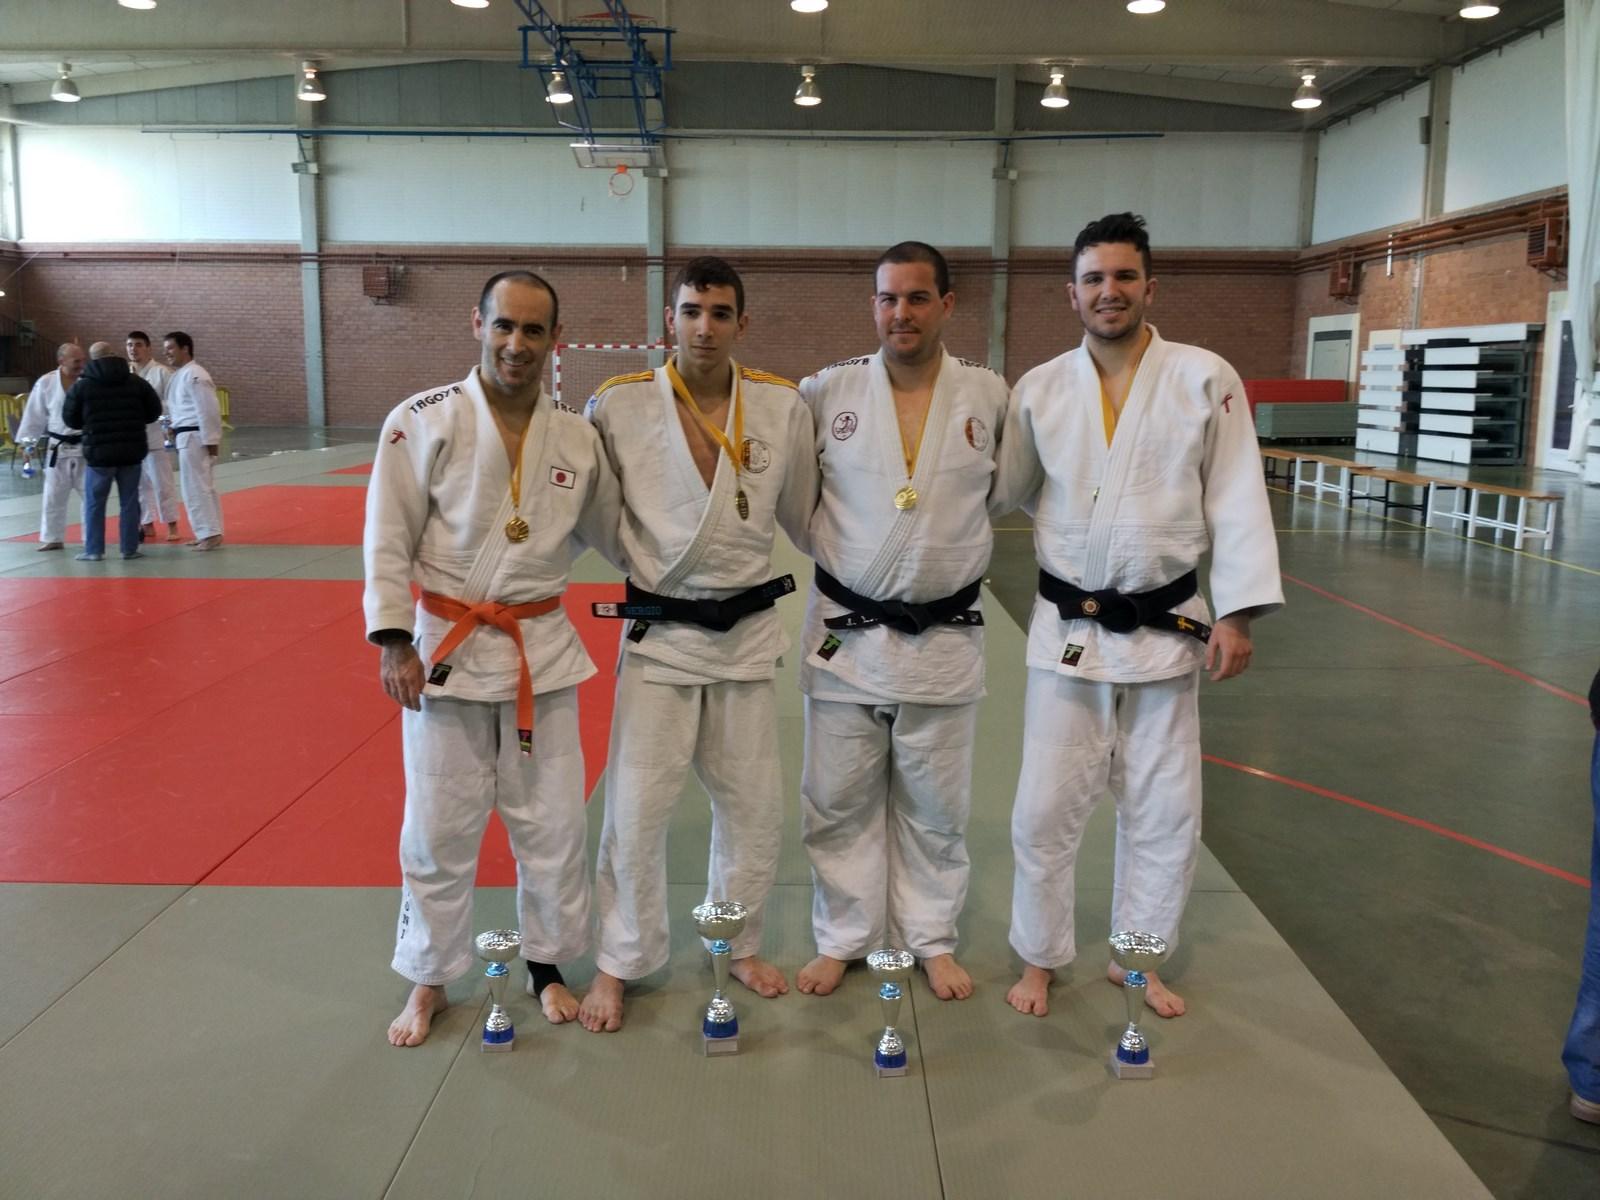 Campeonato de Ne-Waza (suelo) y entrenamiento federativo 03/04/16